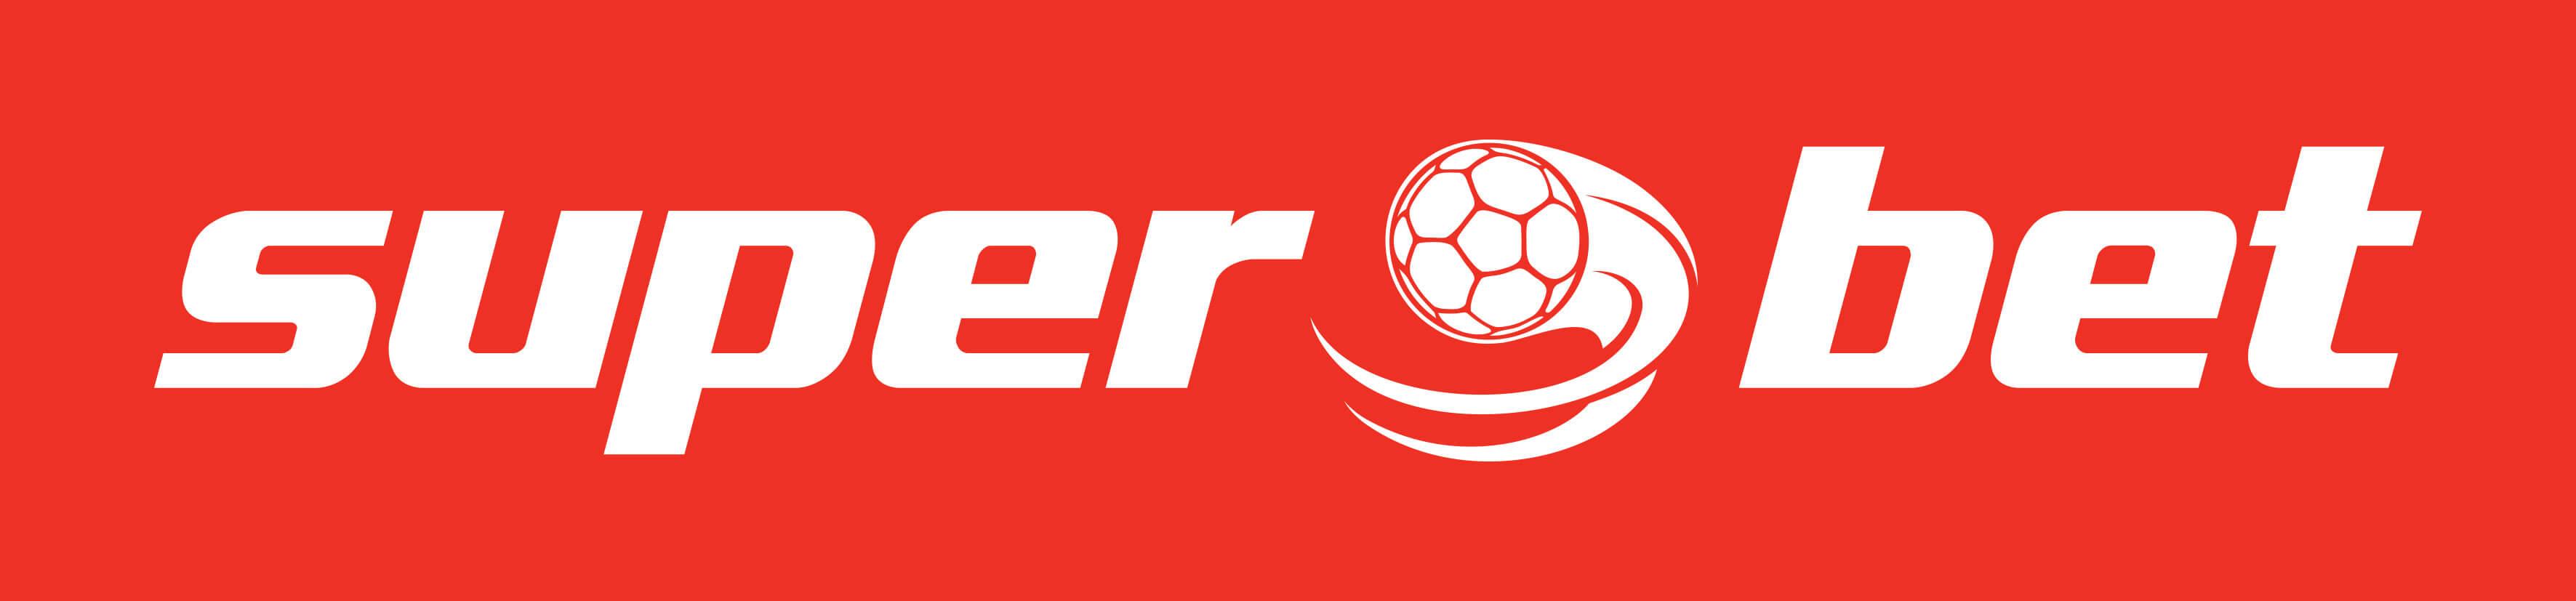 Superbet logo